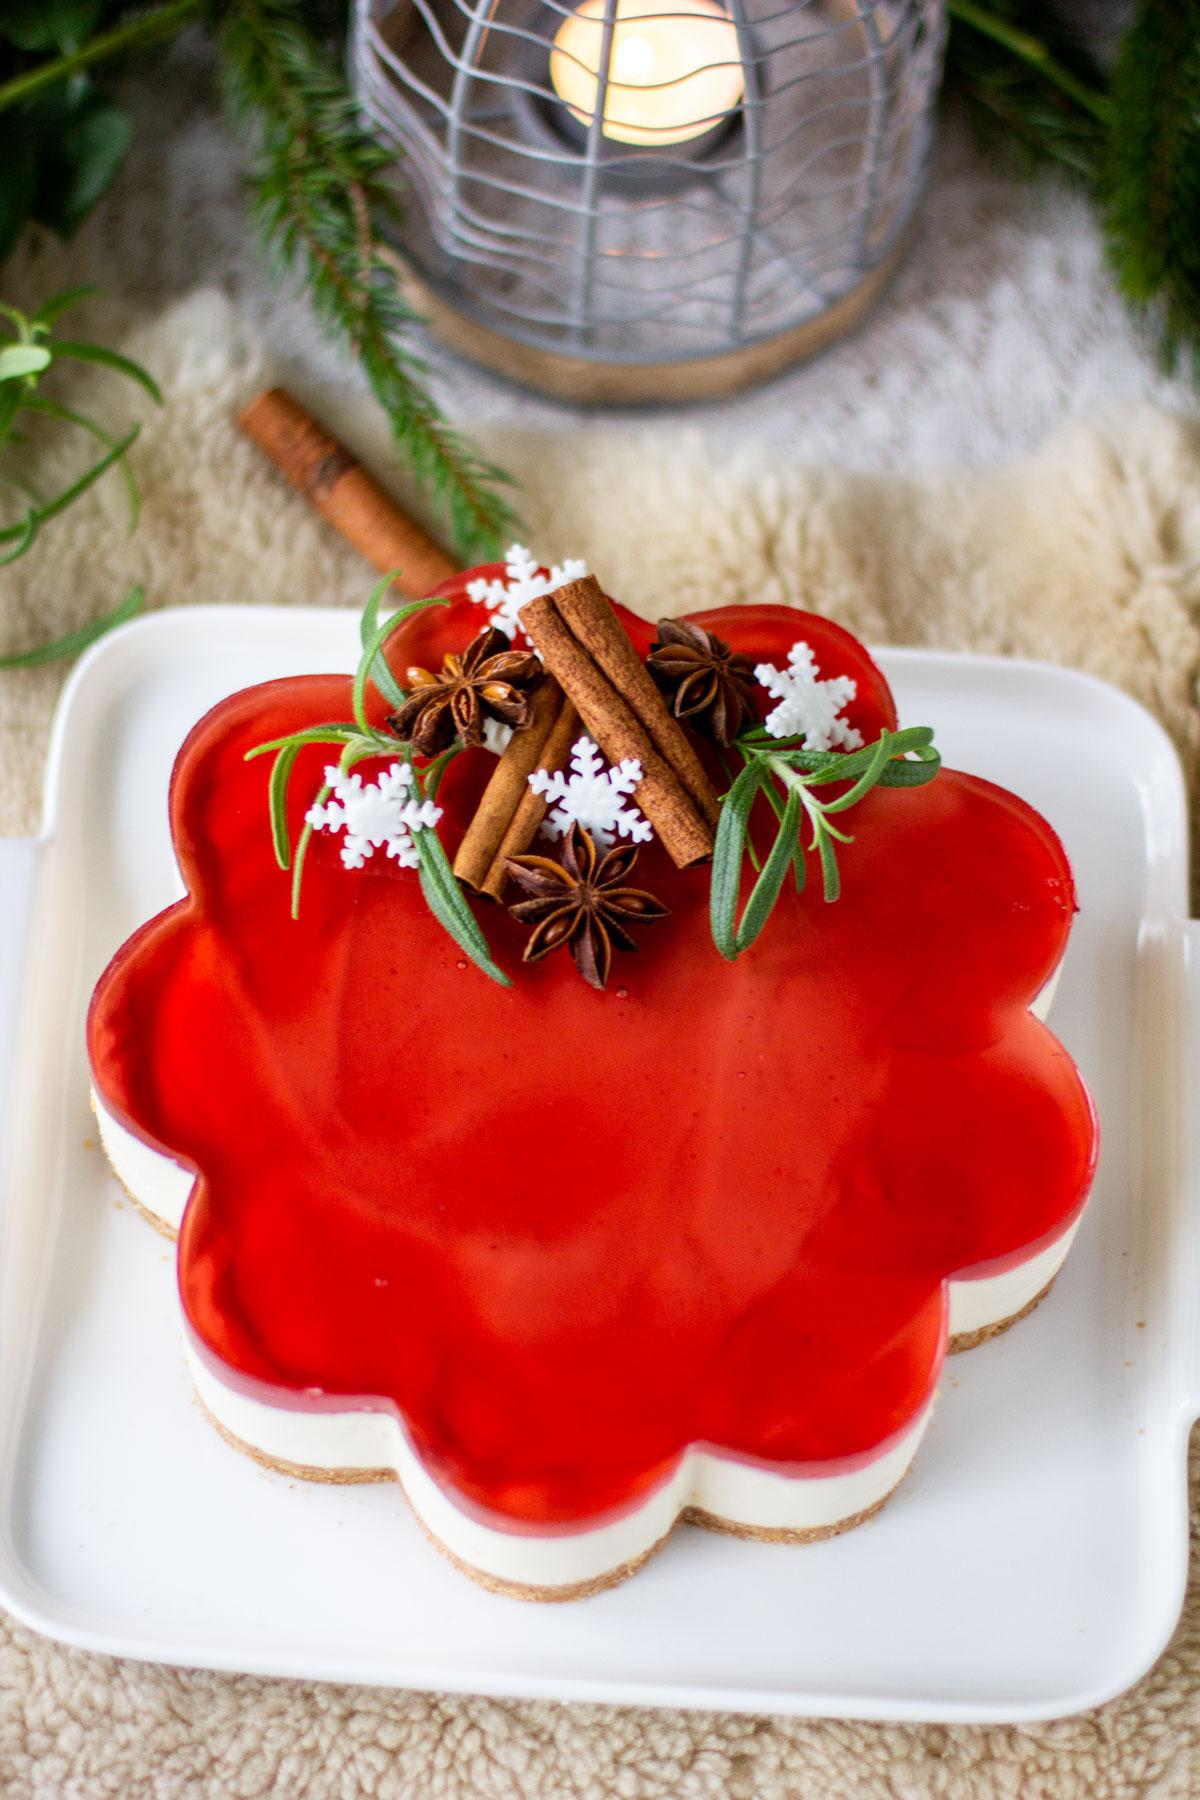 Piparkakun malliseen vuokaan tehty punainen glögihyydykekakku